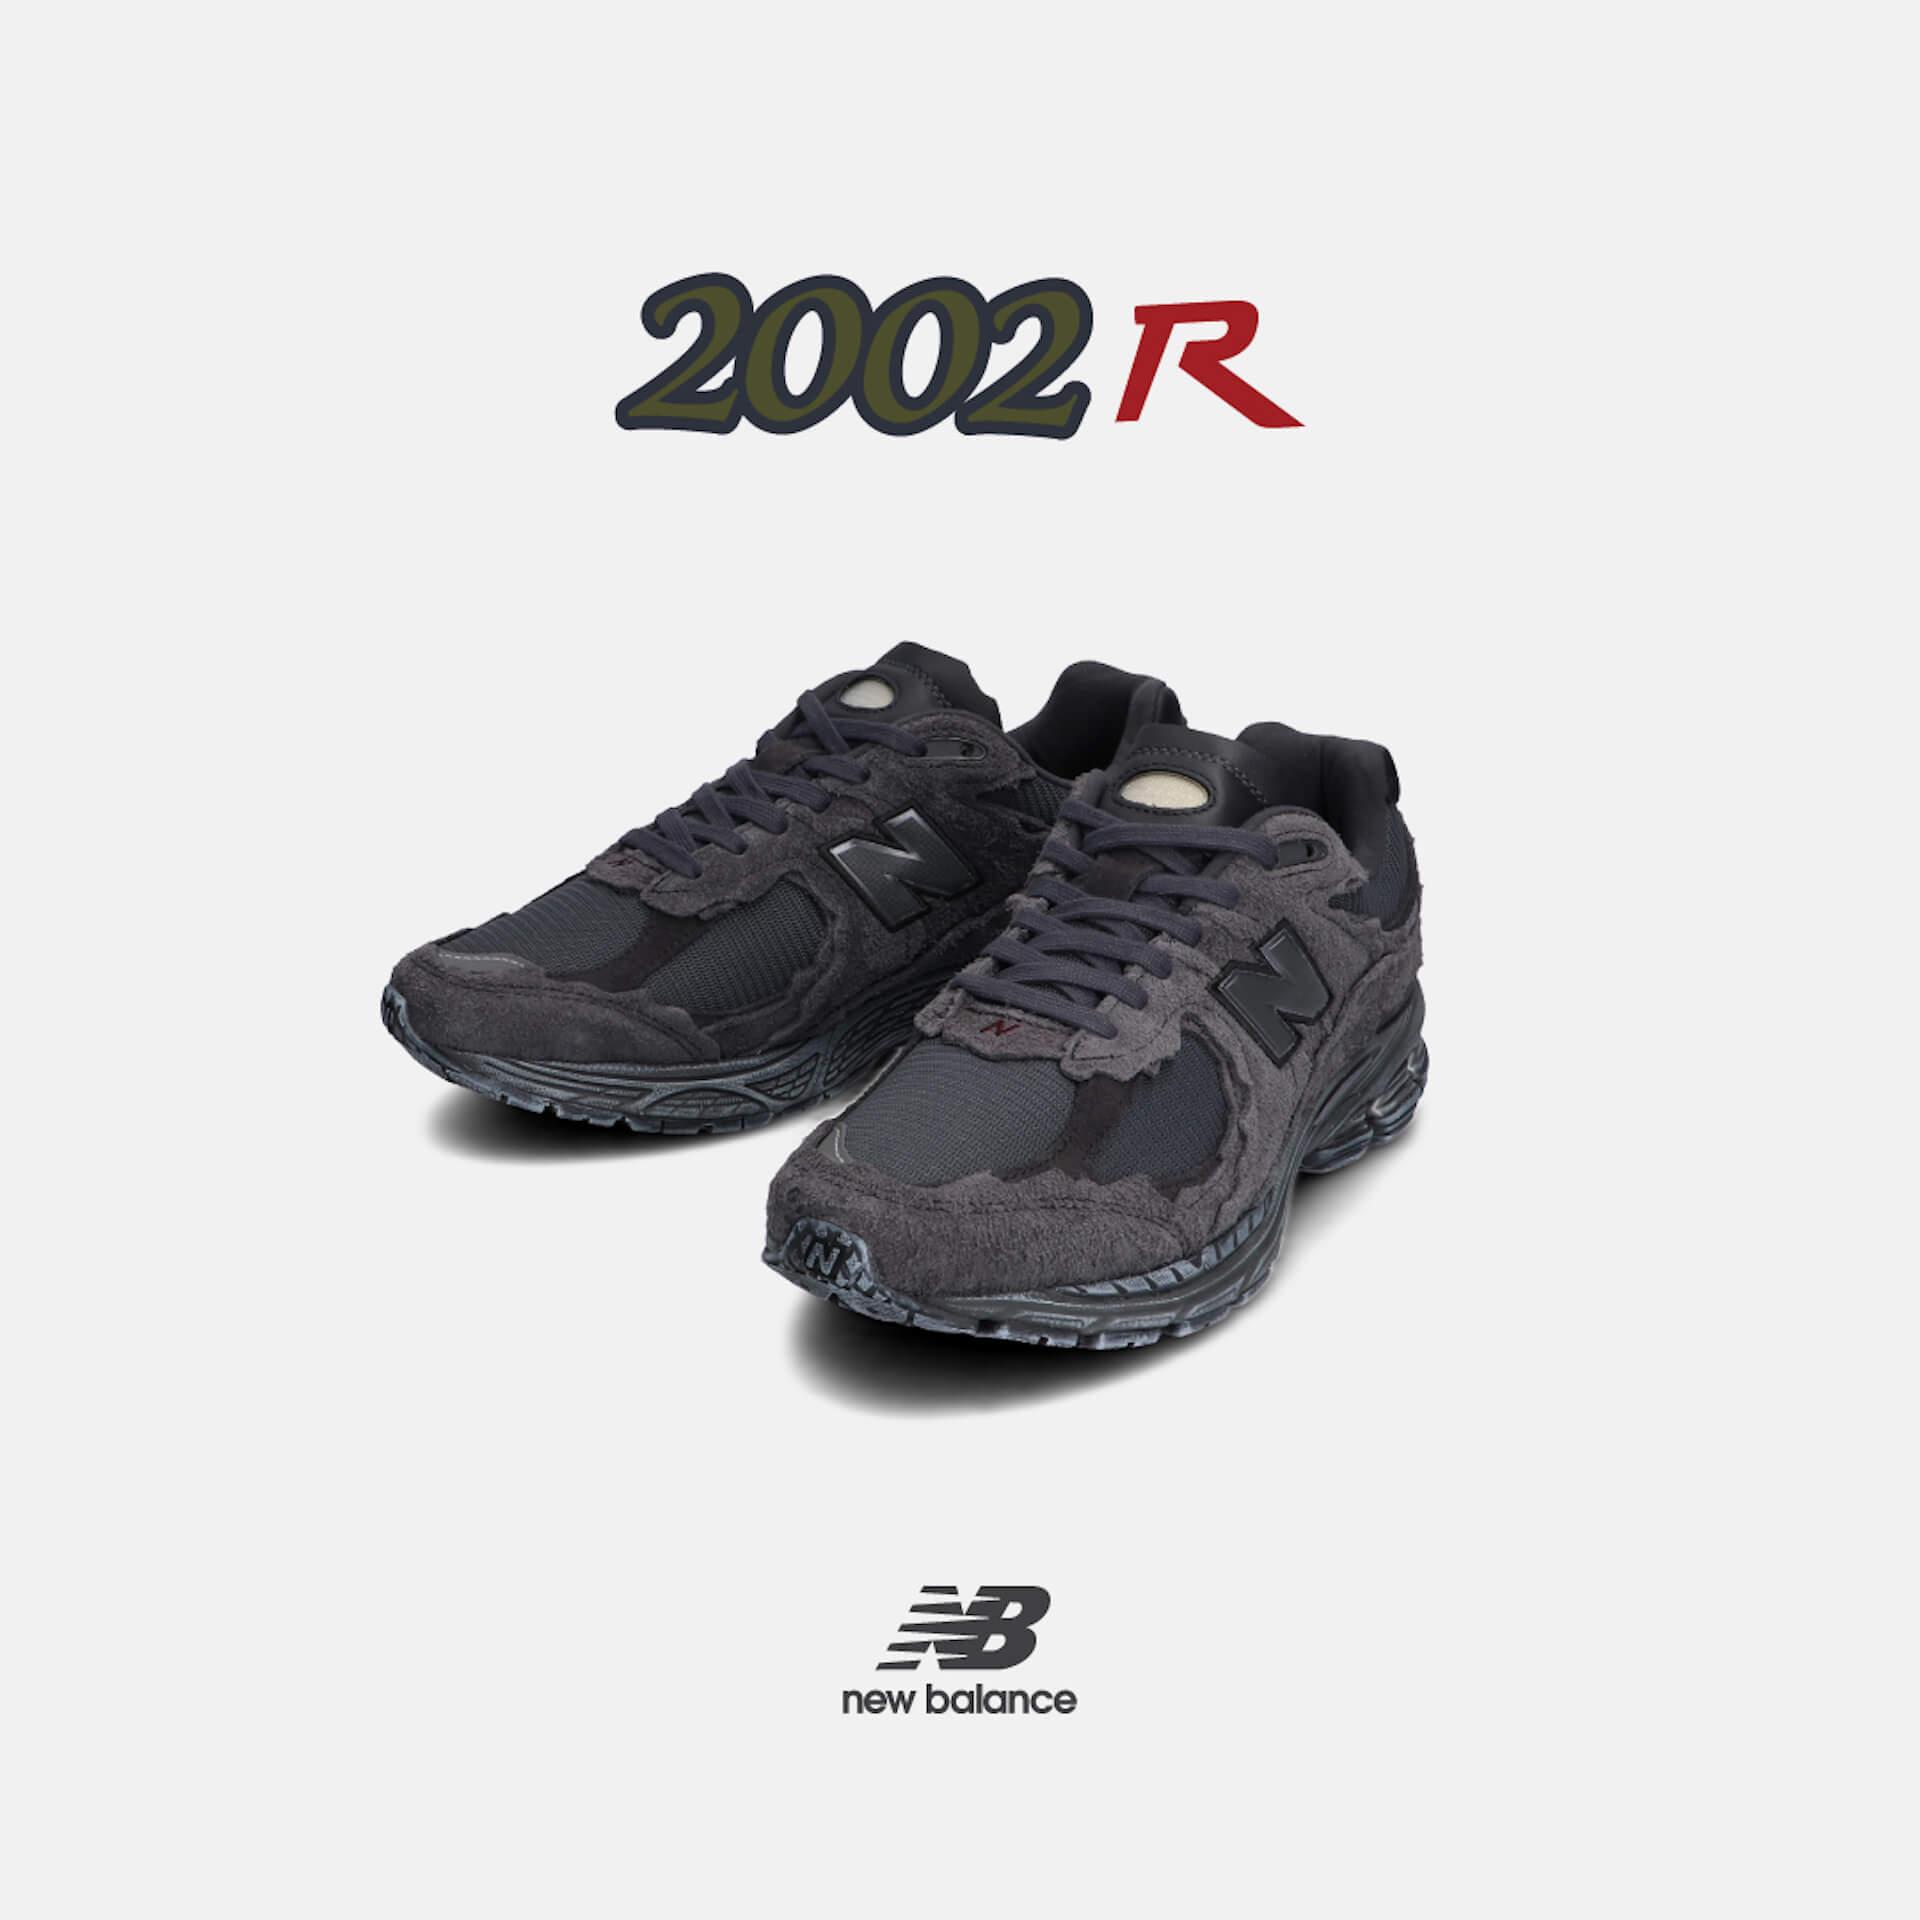 ニューバランス「2002R」シリーズ新作3色が発売決定!ヴィンテージ加工が印象的な3モデル life210712_newbalance_2002r_1